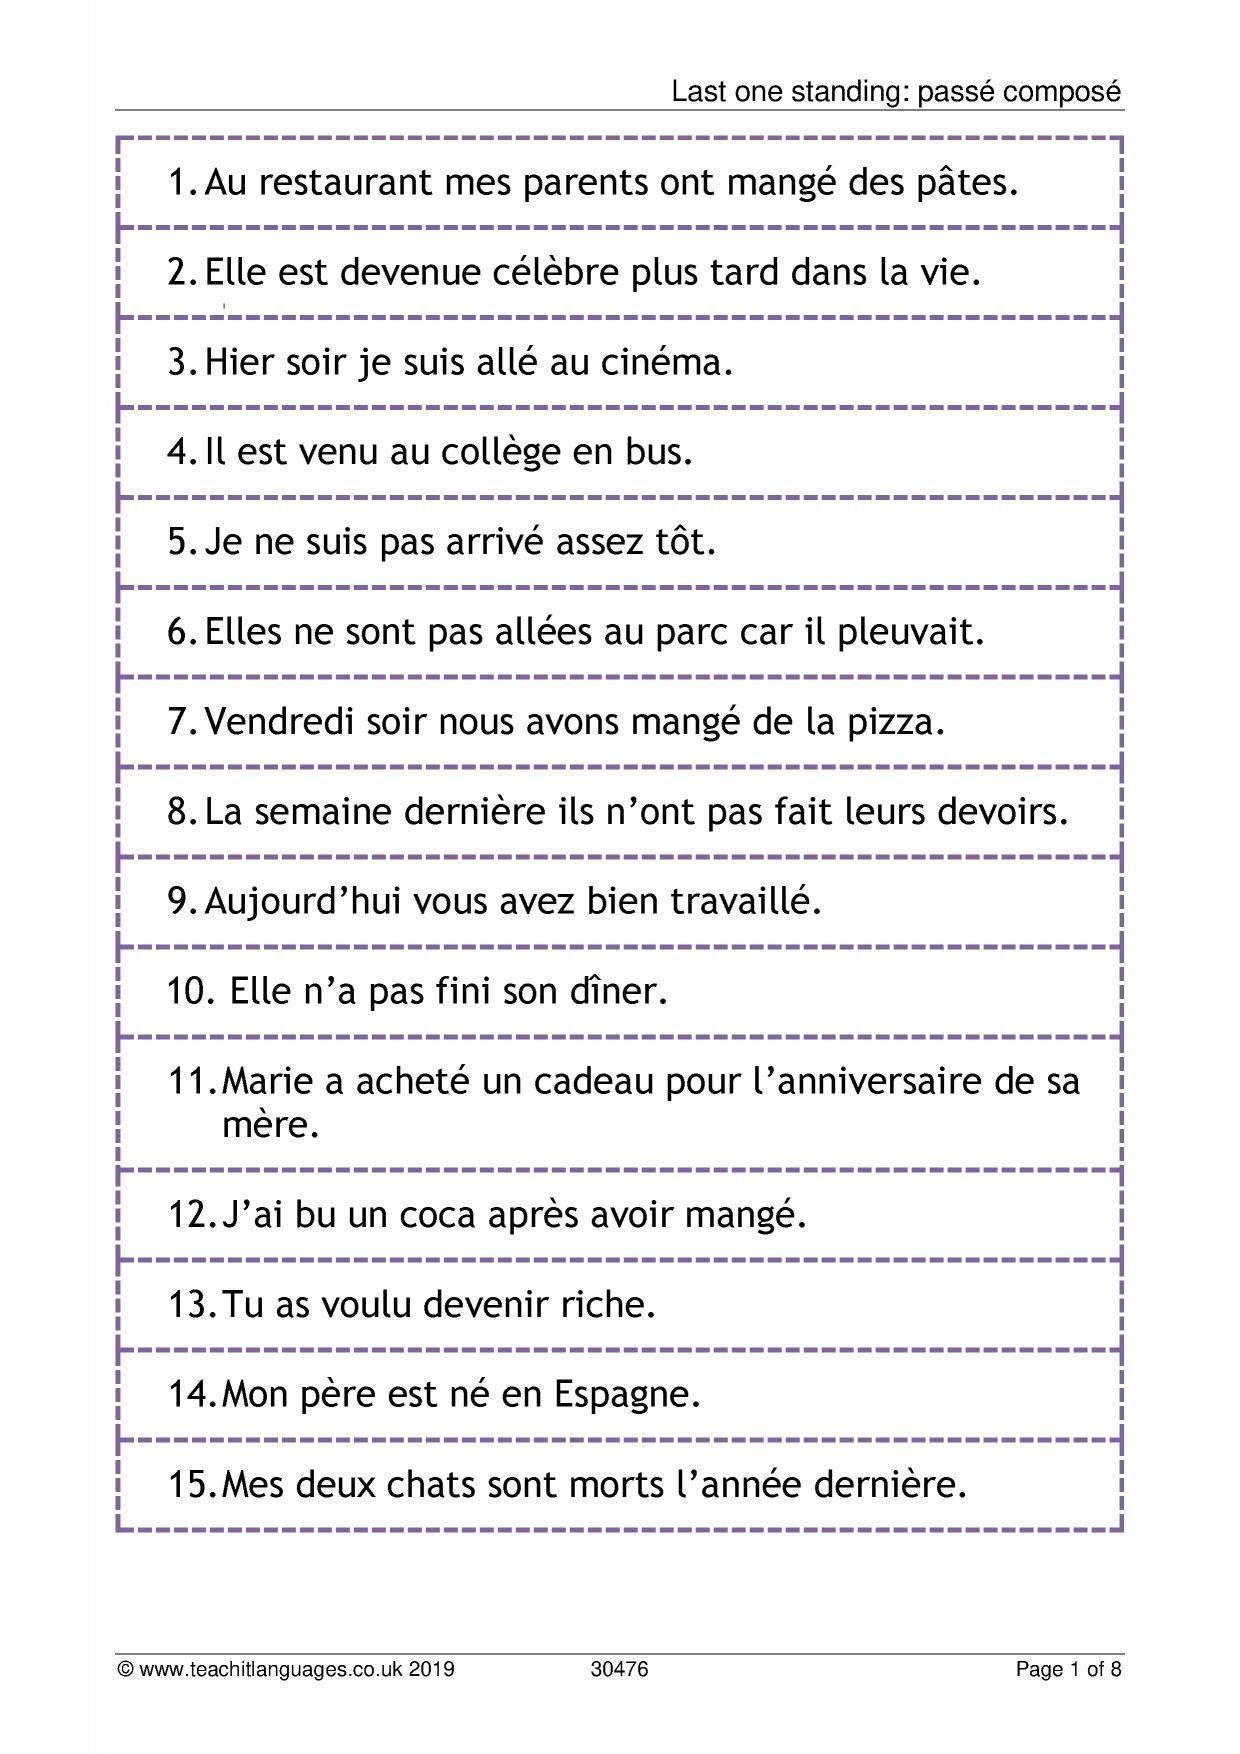 Epingle Par Saras S Sur Vocabulaire Francais En